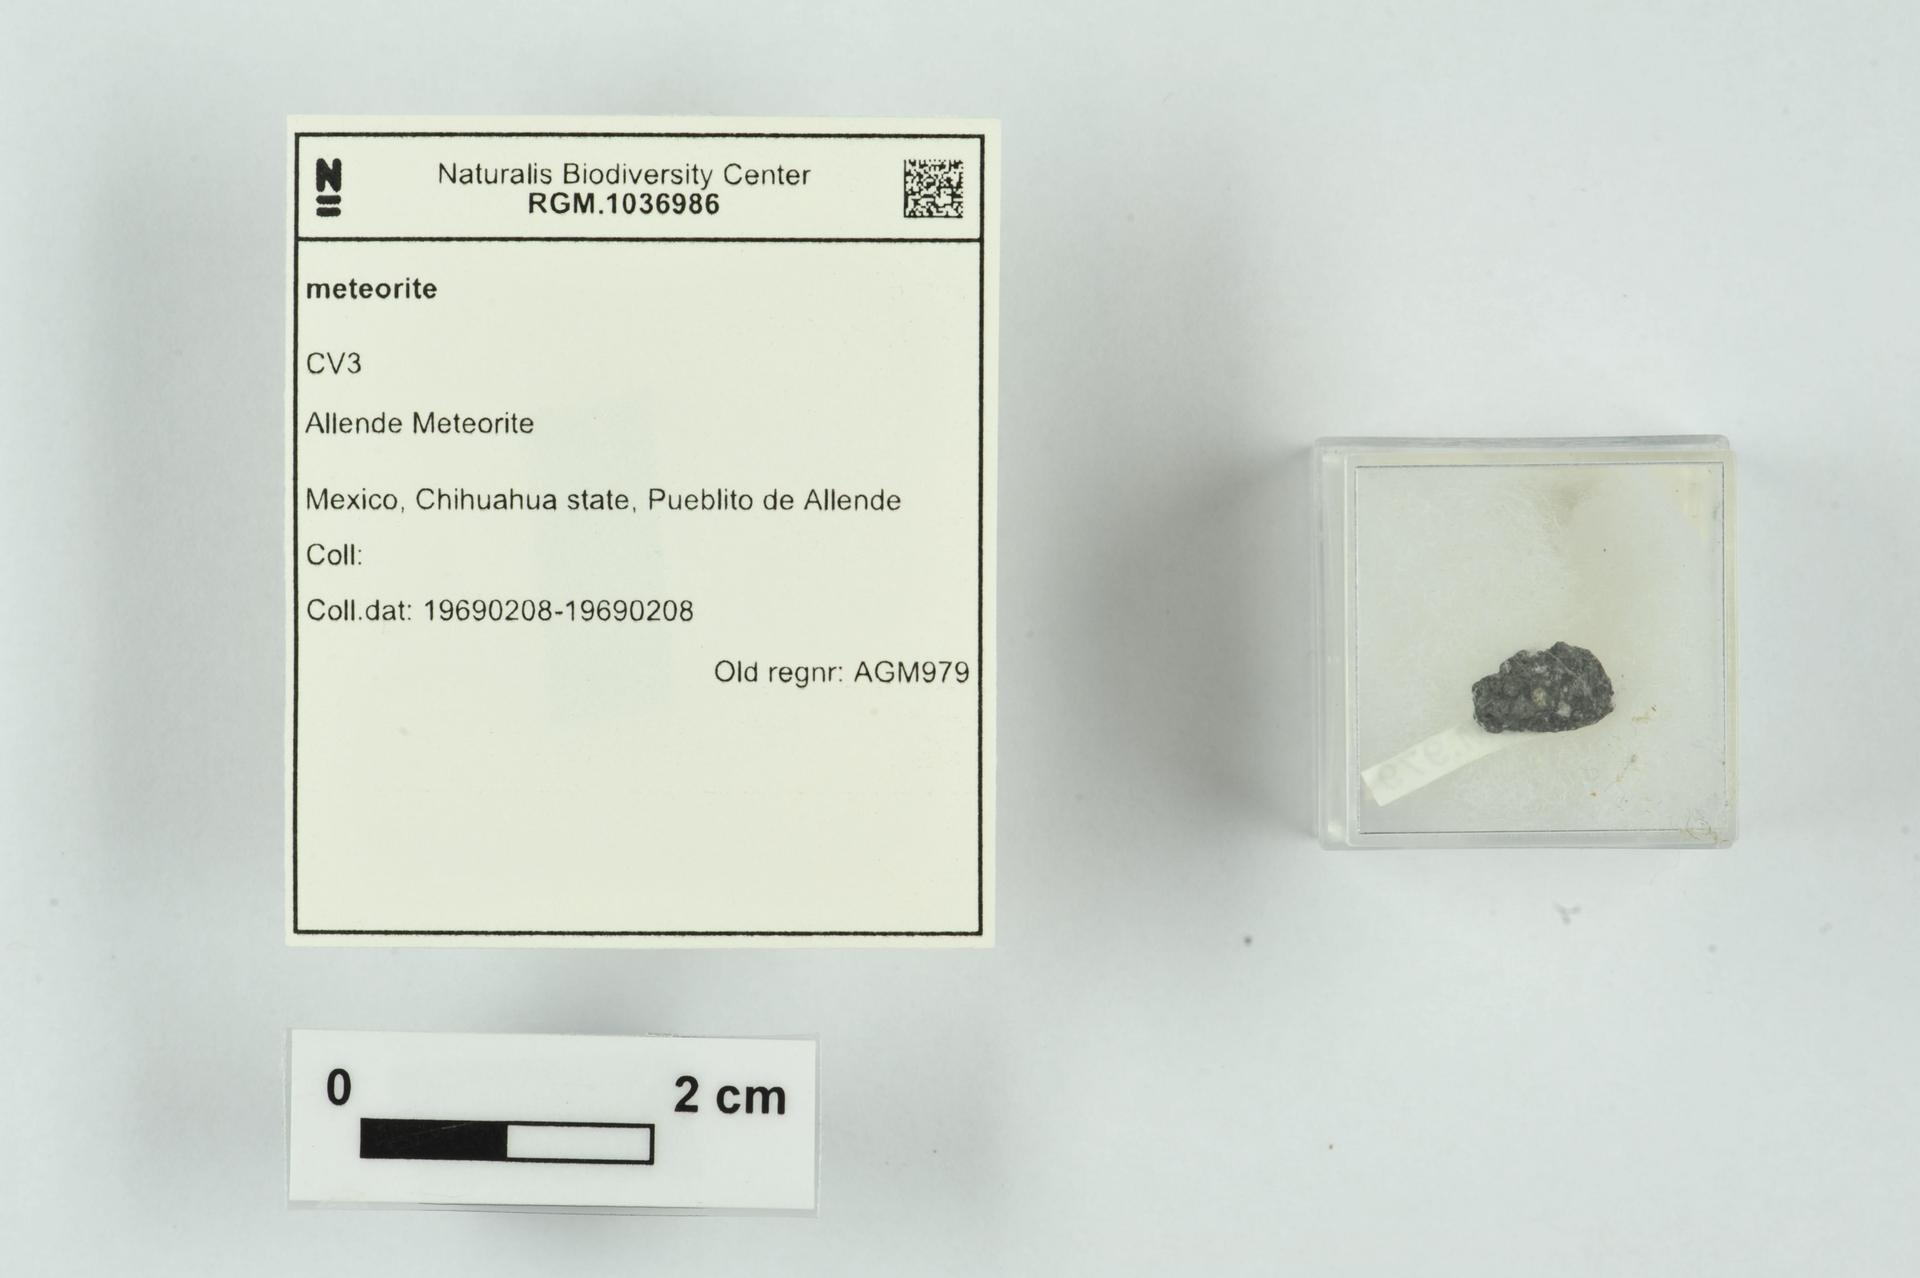 RGM.1036986   CV3